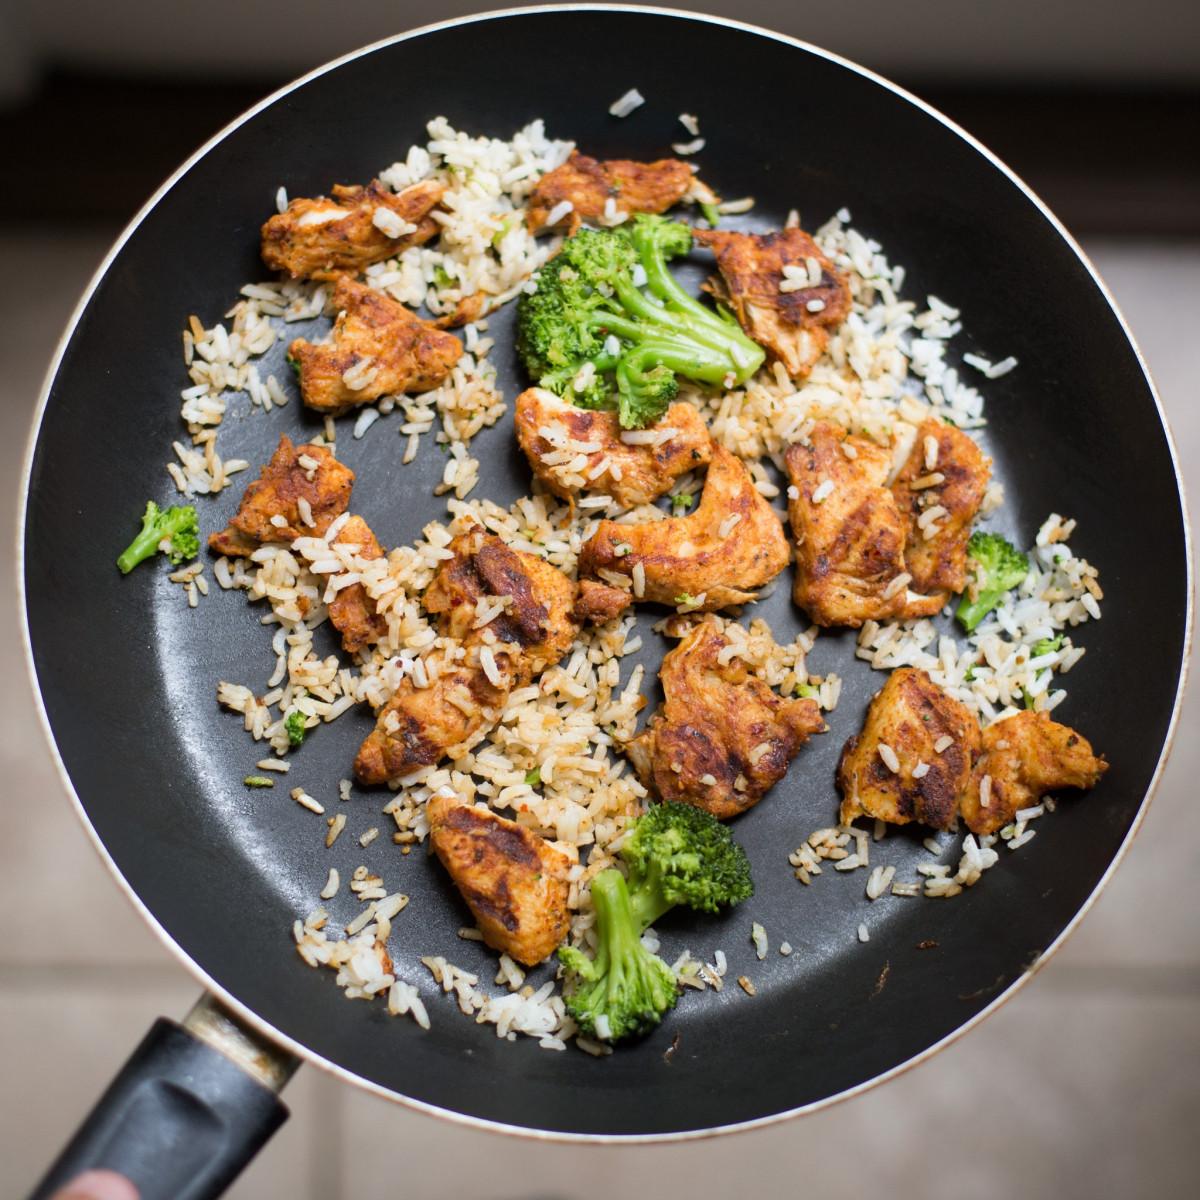 plat repas aliments cuisine produire légume moi à le déjeuner cuisine délicieux poulet riz brocoli dîner les restes poêle à frire